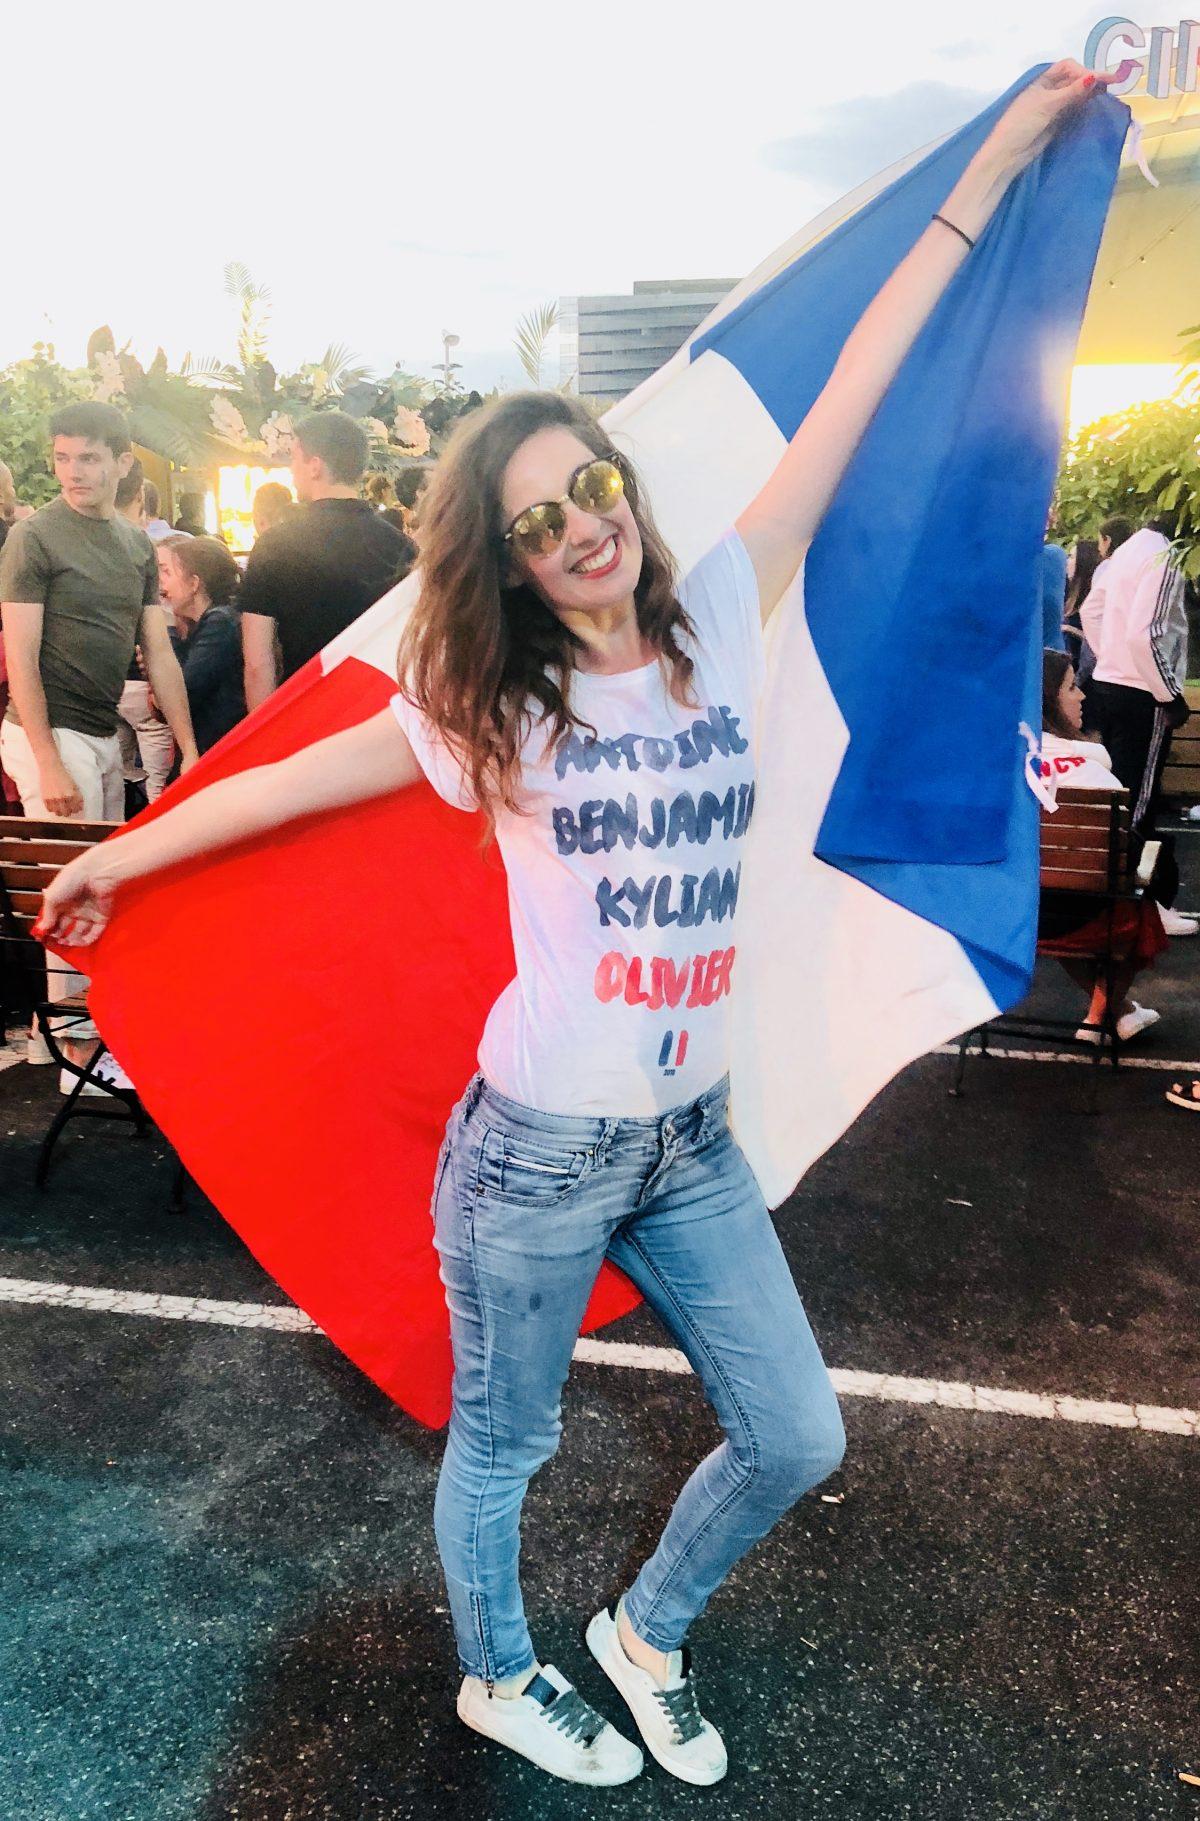 Coupe du monde - Drapeau français - Drôle de Parisienne - Jardin suspendu - Paris